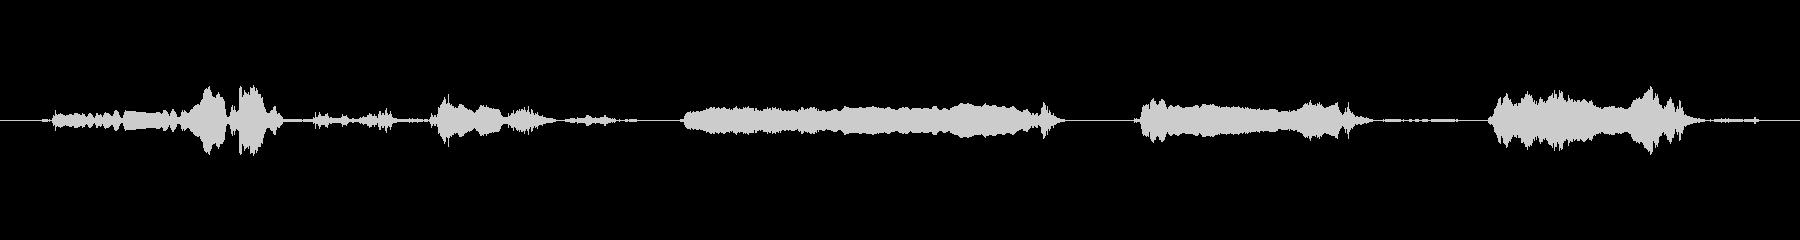 犬 GSP ワインロング02の未再生の波形